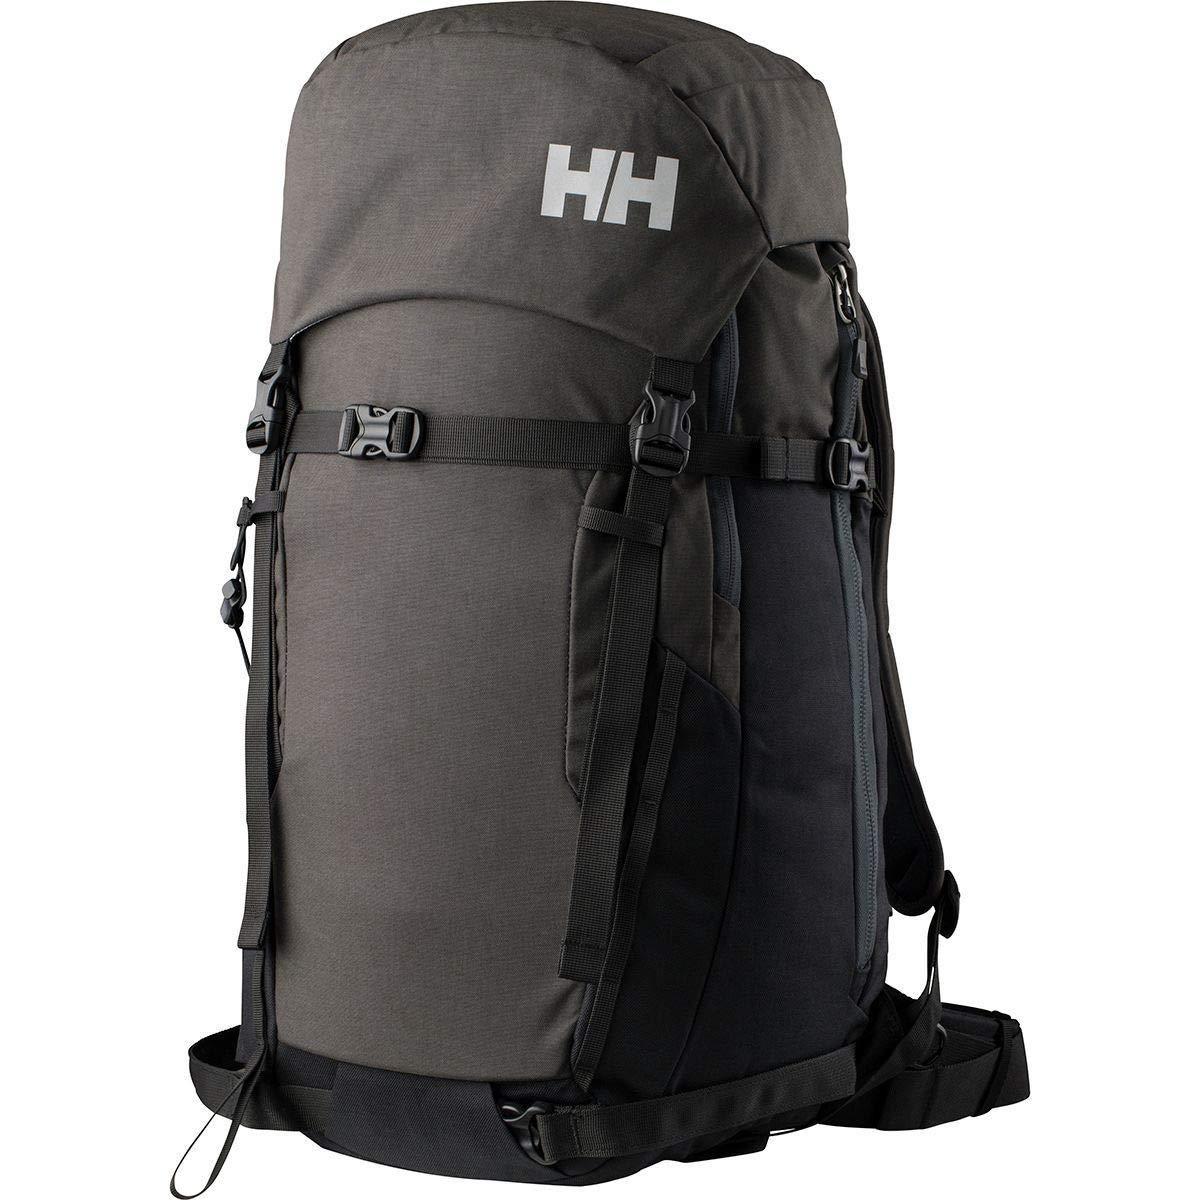 Helly Hansen 67358, Mochila Unisex Adultos, Negro (980) 40x60x40 cm (W x H x L): Amazon.es: Zapatos y complementos